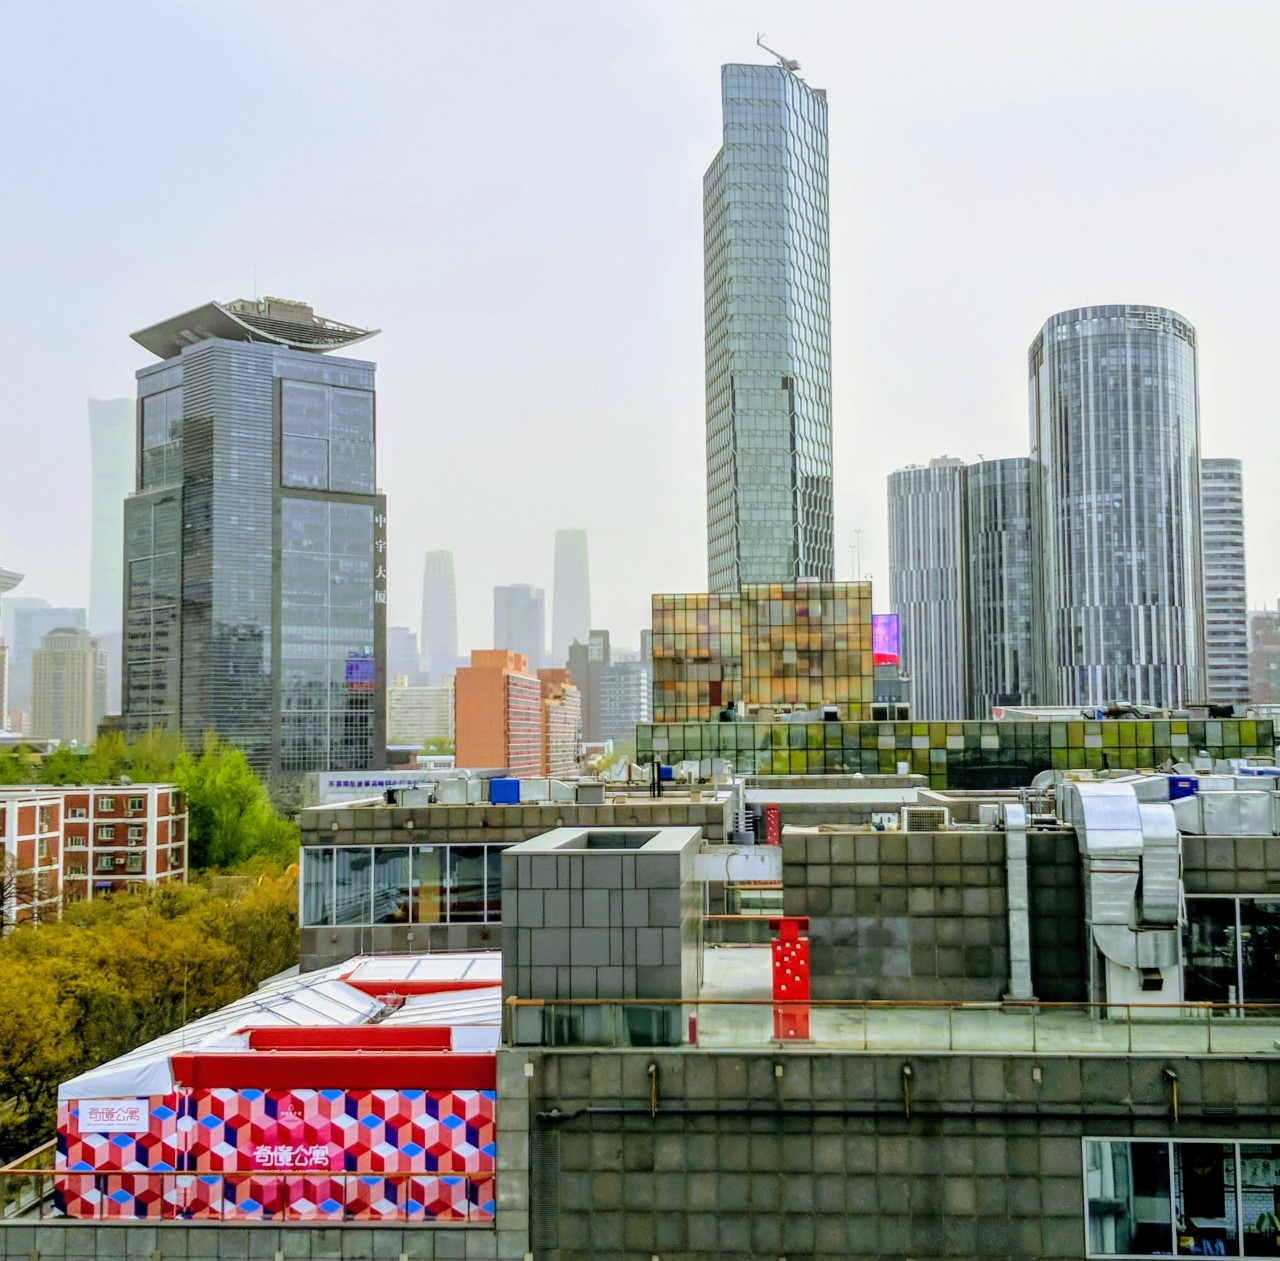 Beijing Sanlitun